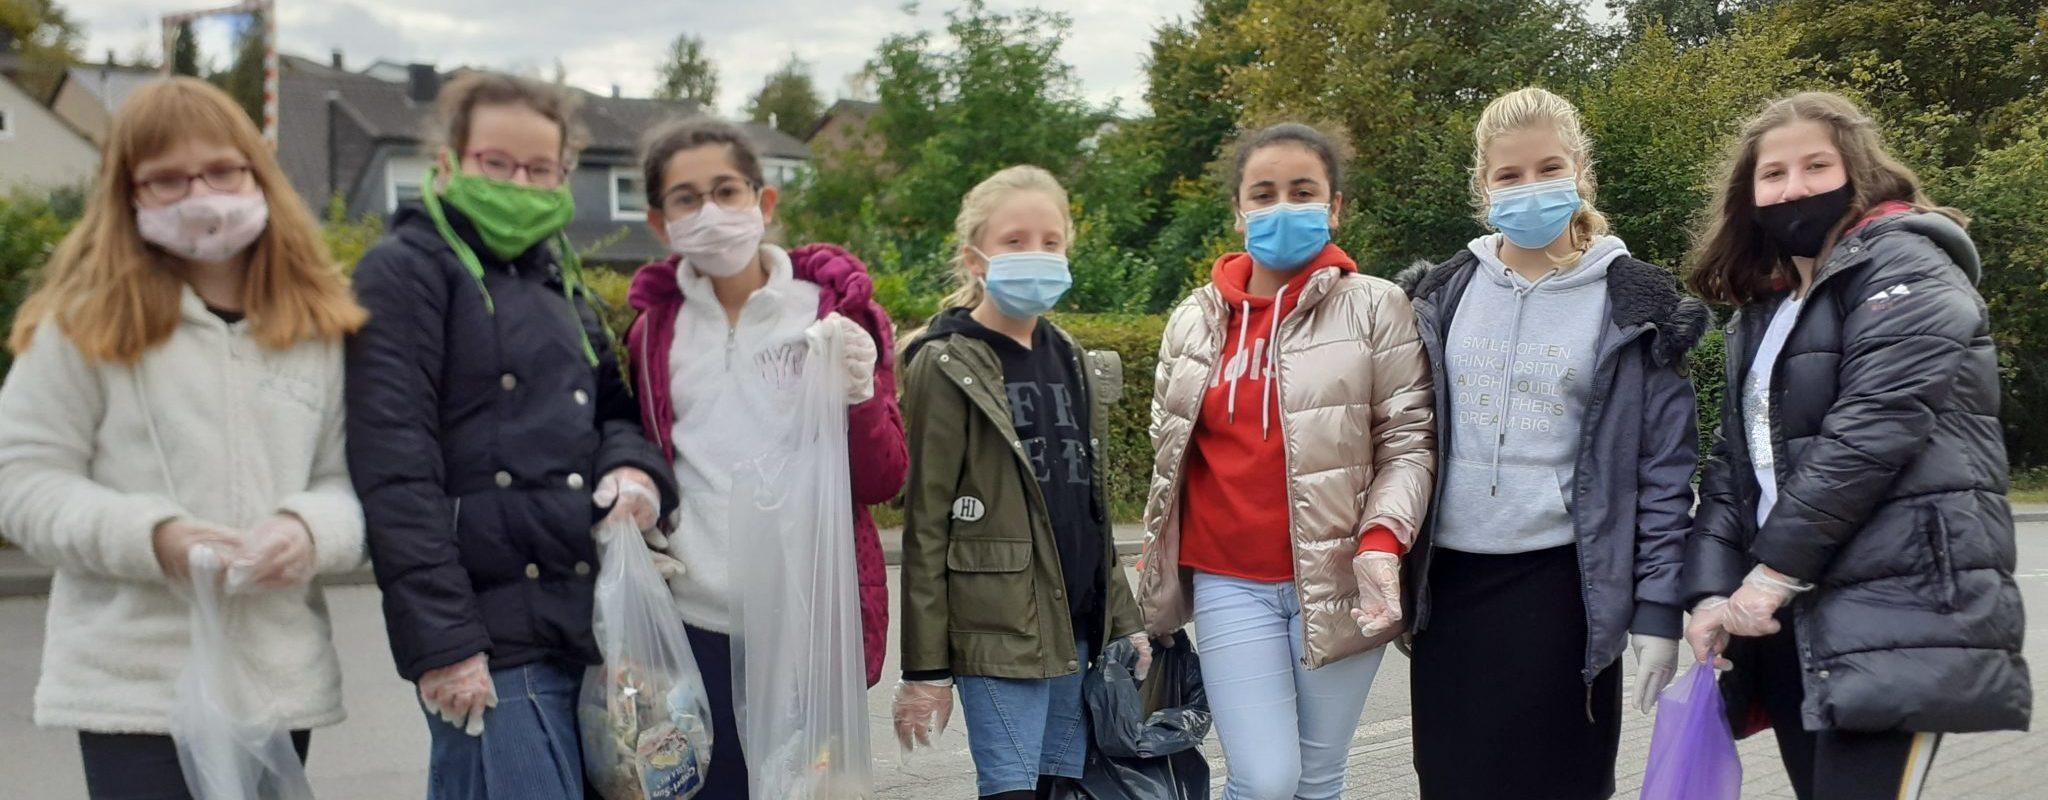 Sekundarschüler engagieren sich beim Müllsammeln